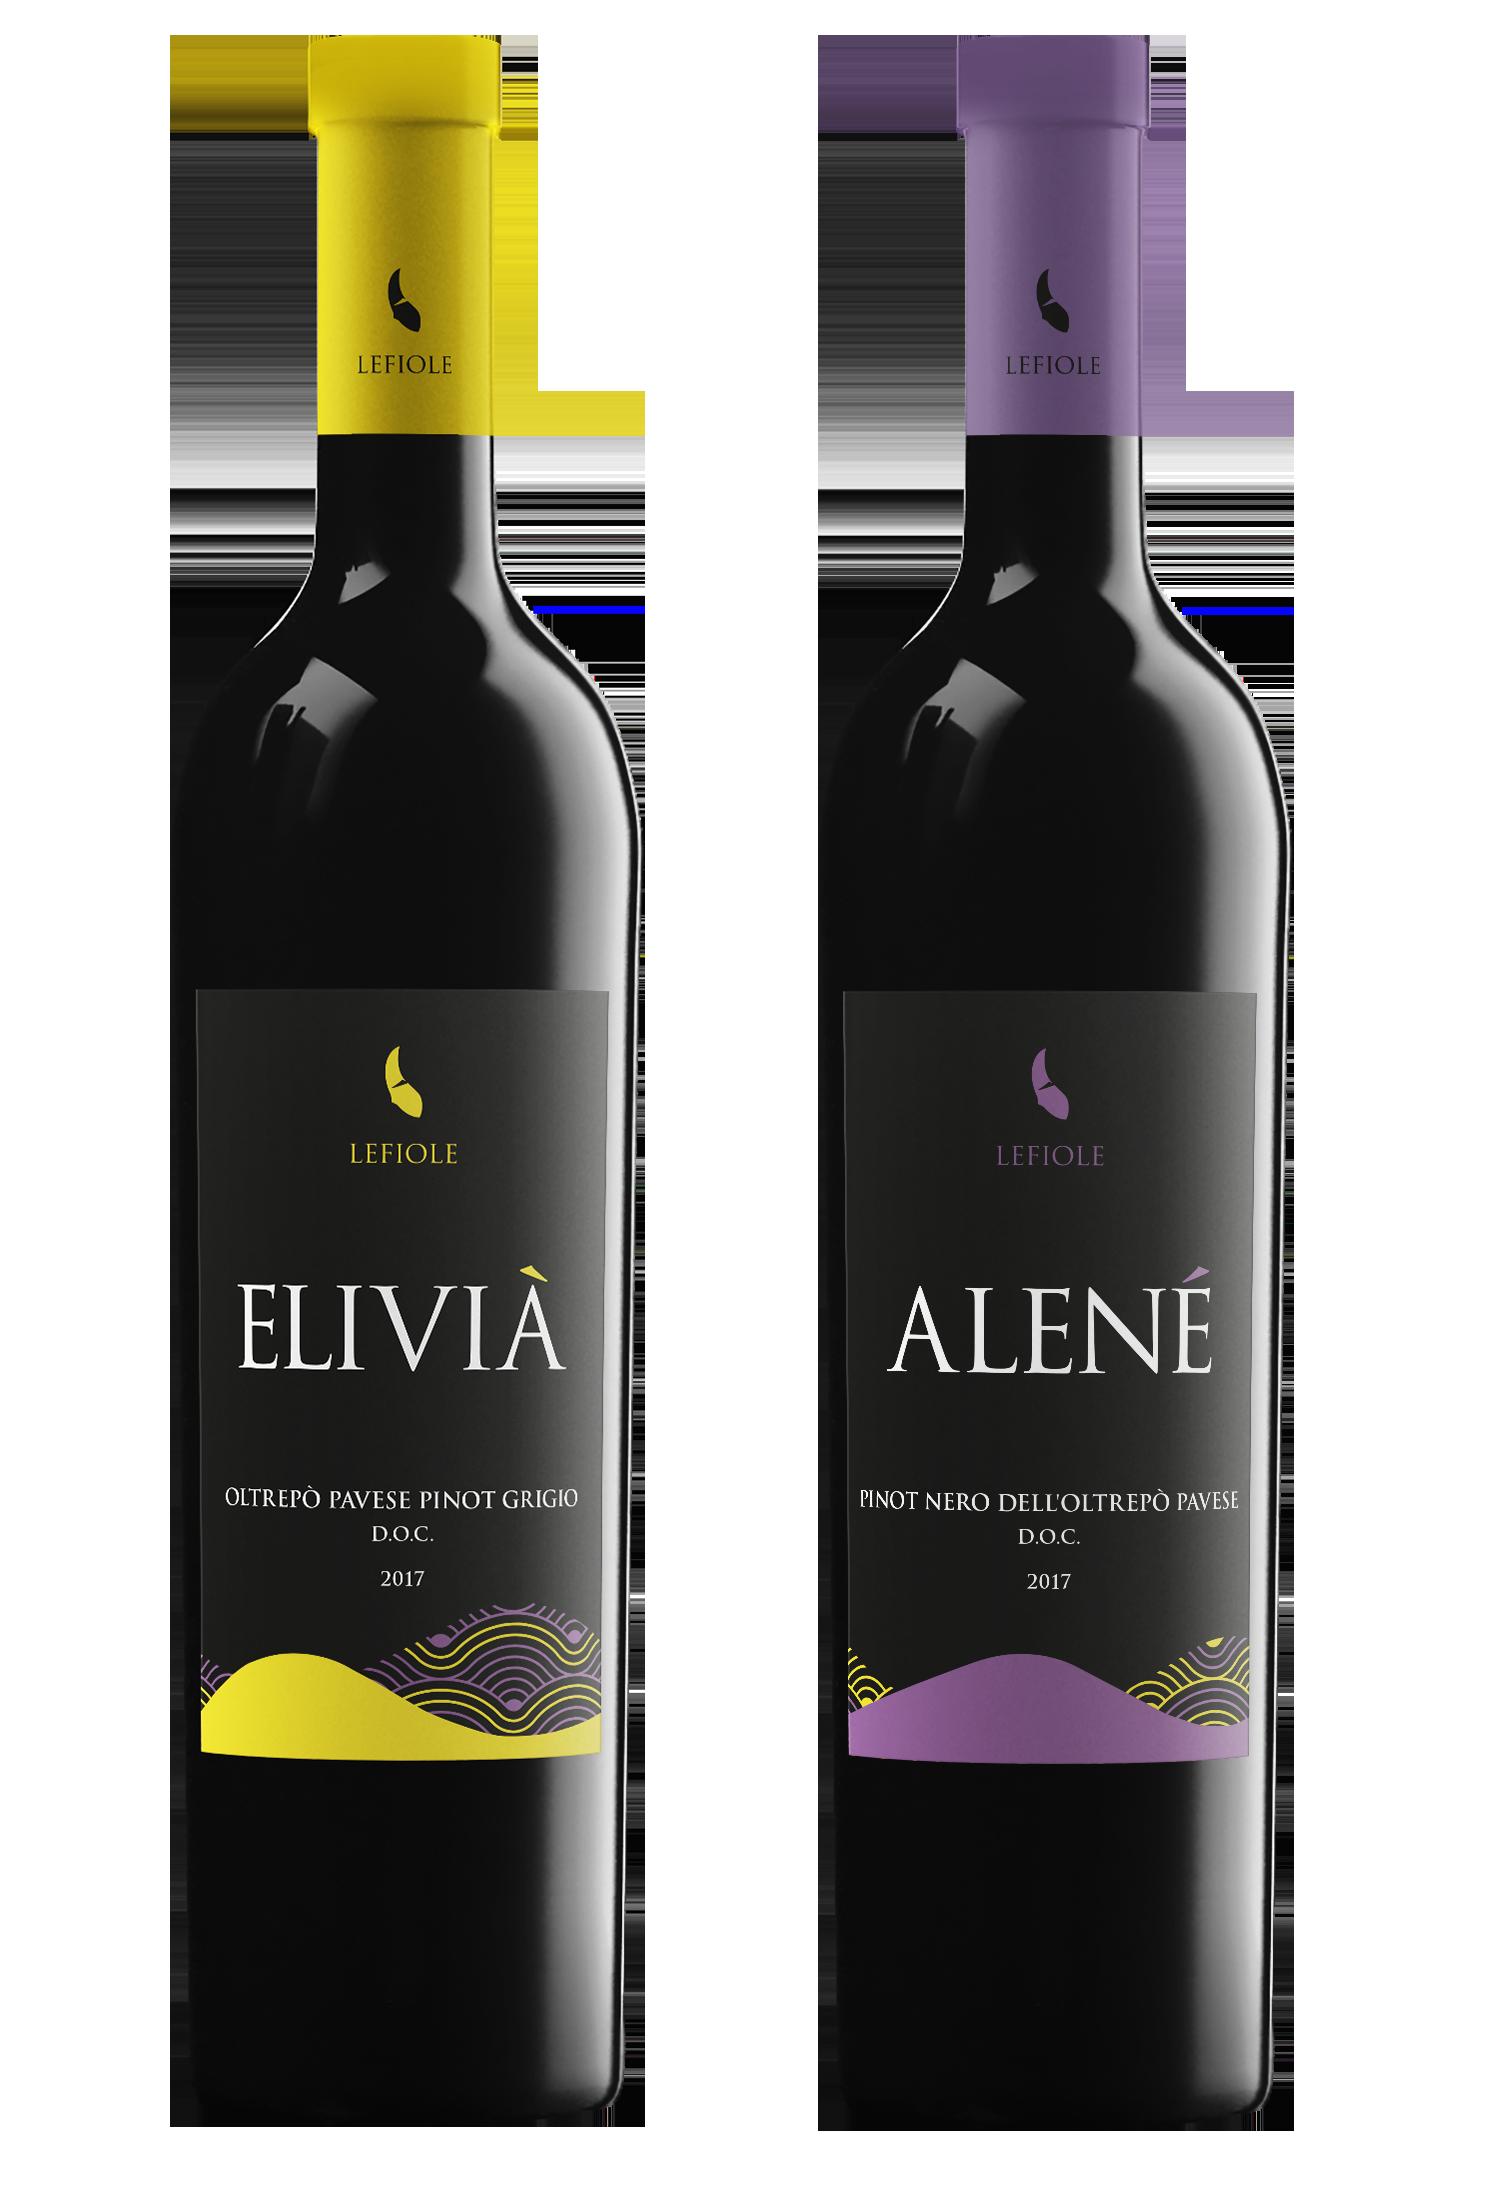 elivià alené elivia alene pinot nero pinot grigio lefiole vini azienda agricola piaggi oltrepo montalto pavese